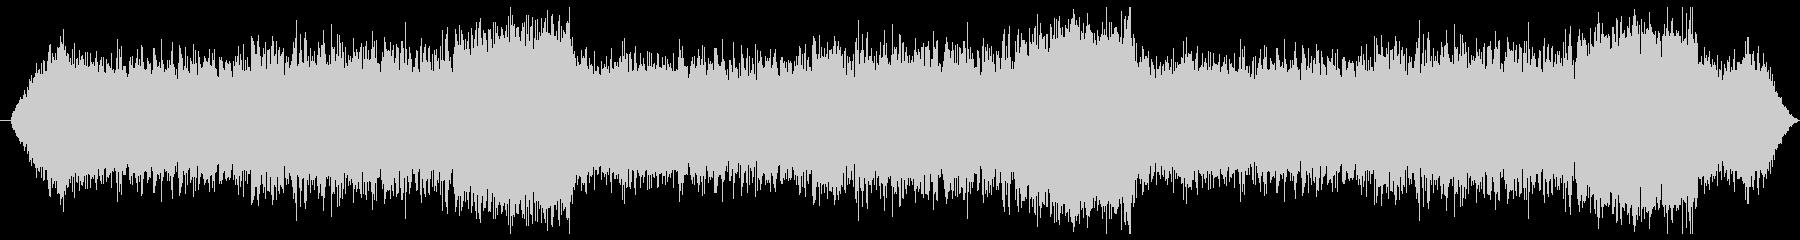 サイコ感のあるクレシェンドのあるBGSの未再生の波形